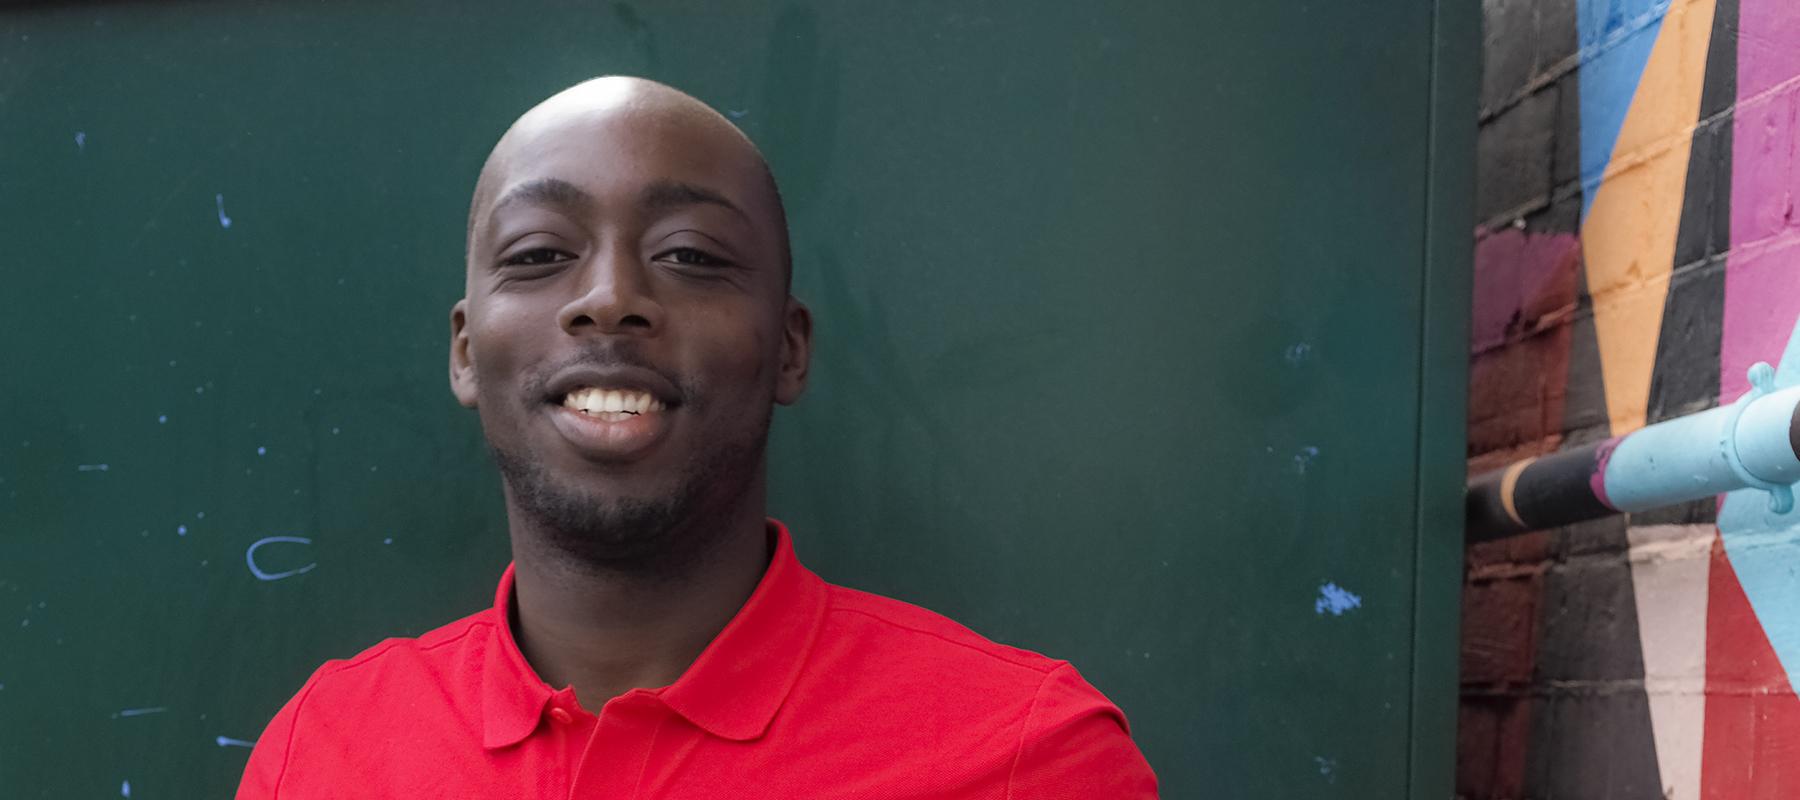 5 minutes with Nana Badu, founder of BADU Sports and BADU Community